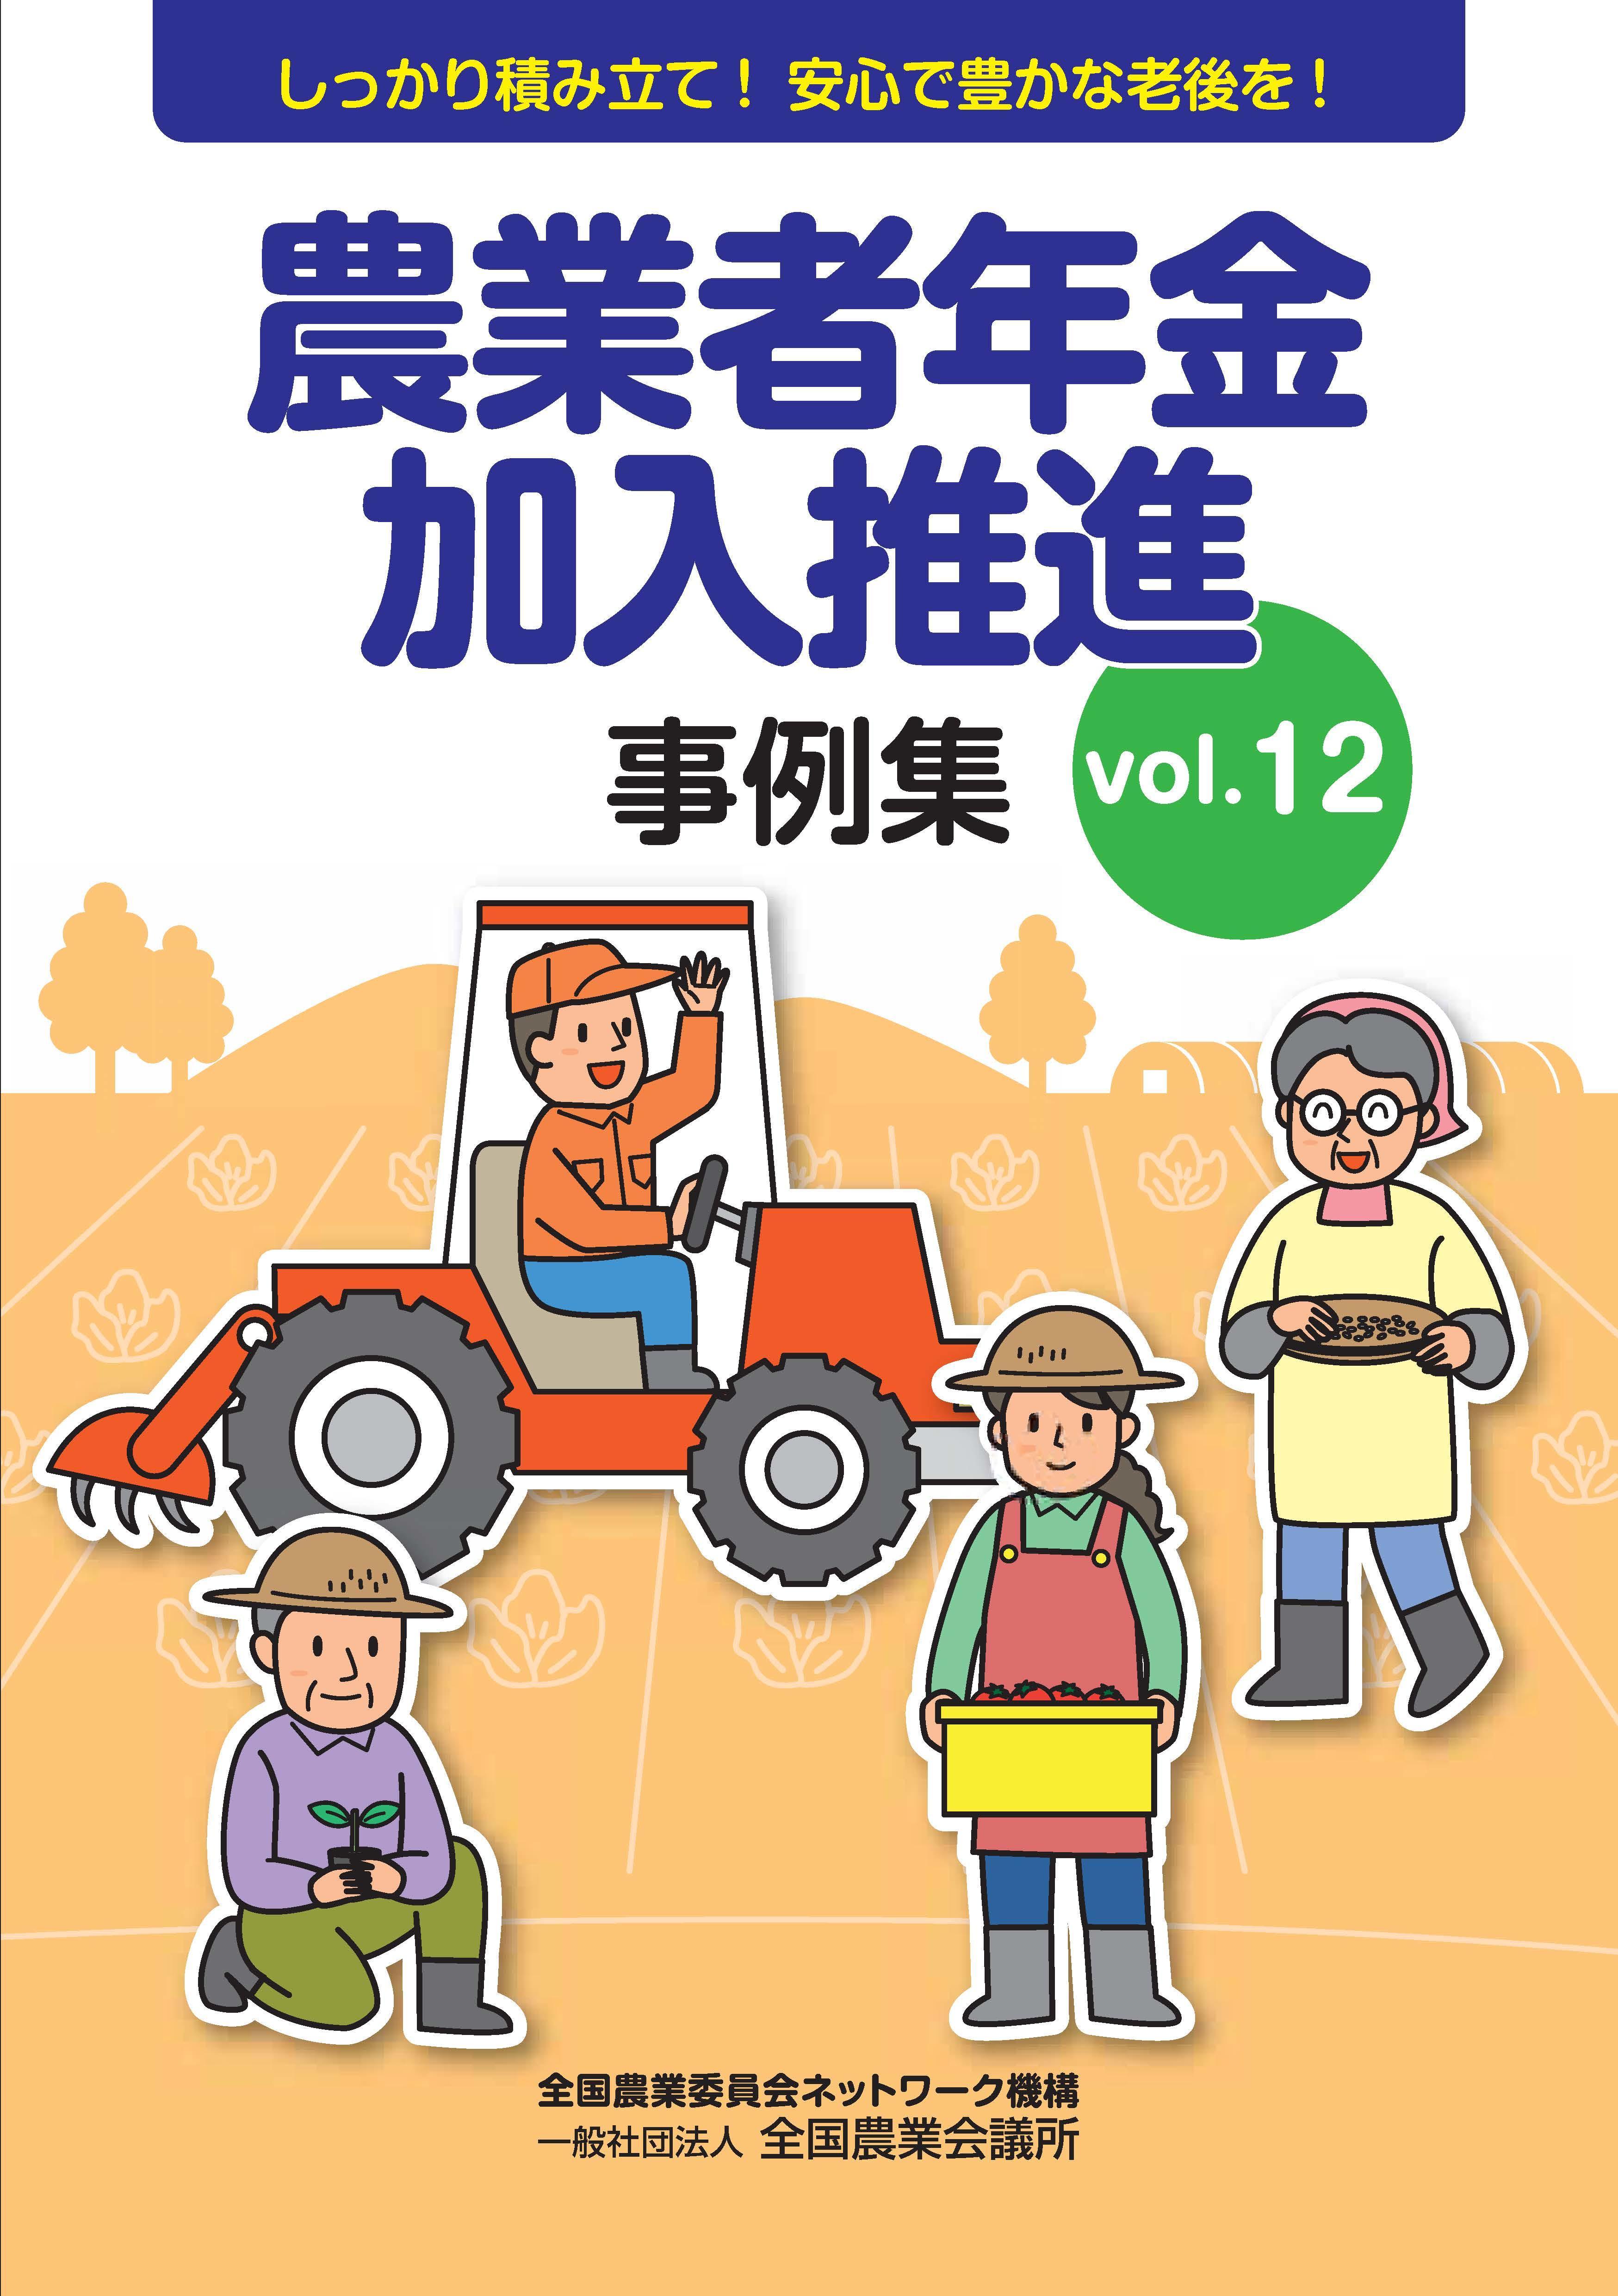 31-28 農業者年金加入推進事例集vol12 表紙.jpg